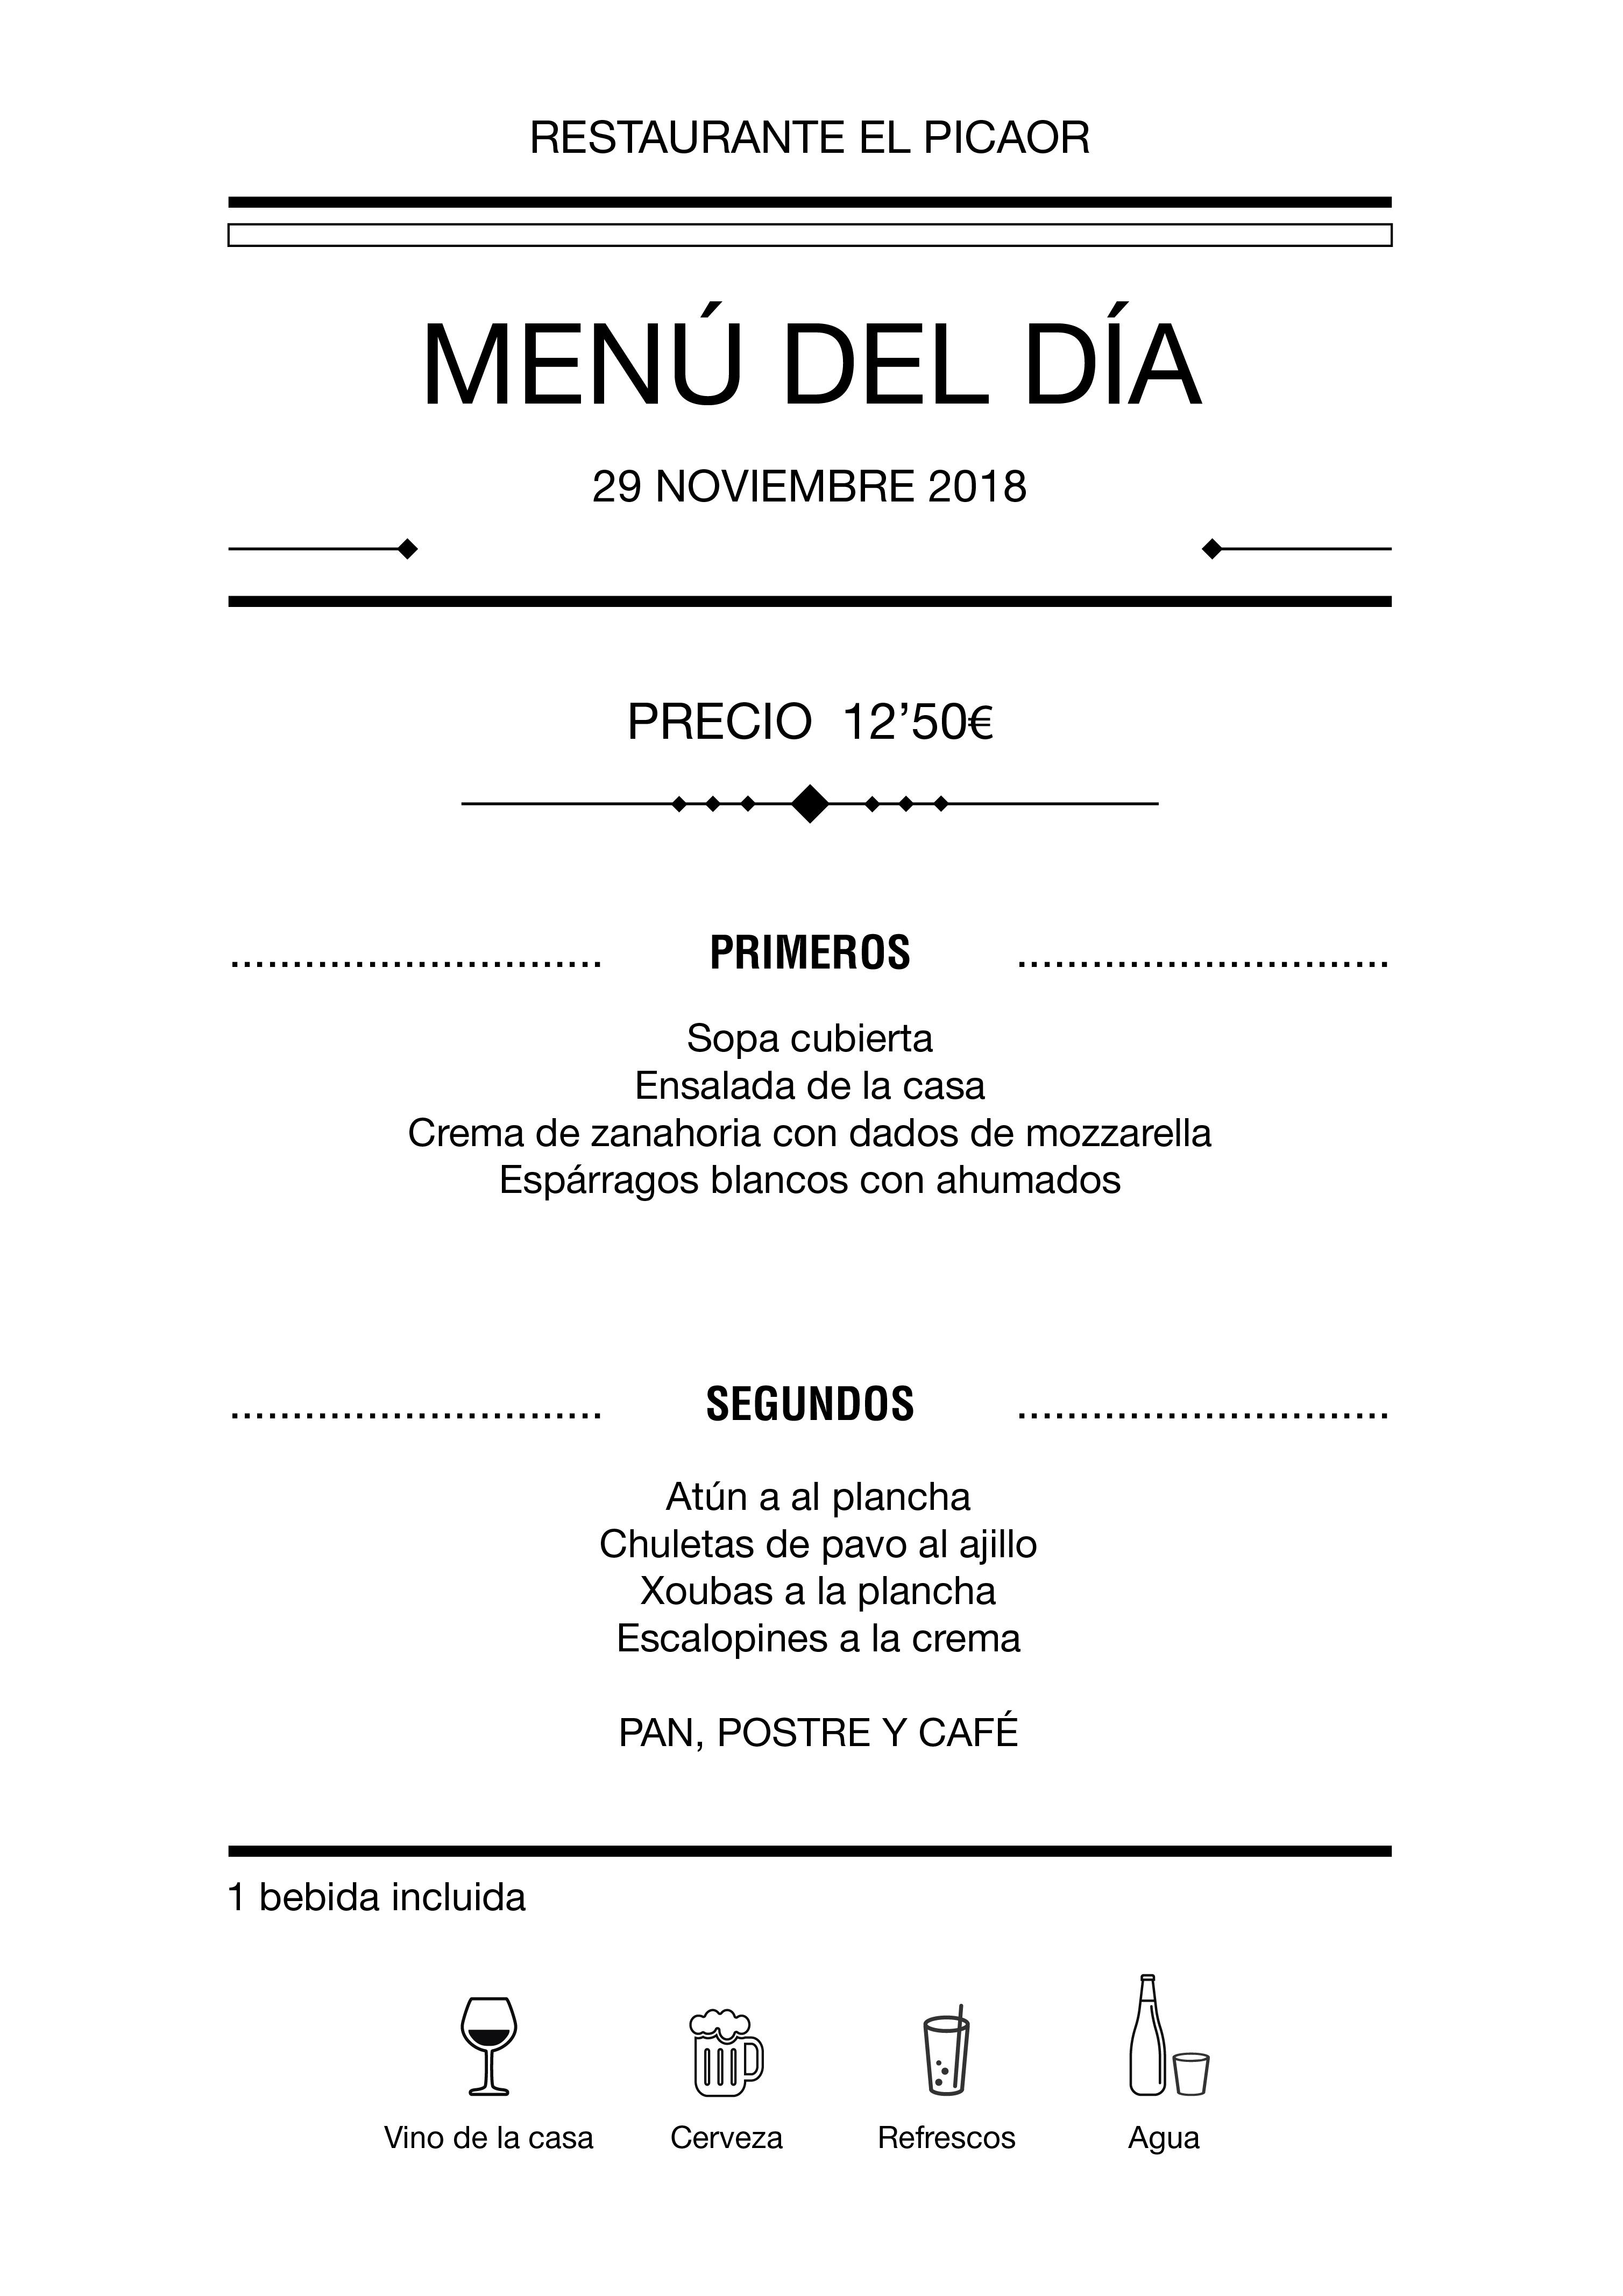 Menú diario El Picaor 28/11/18